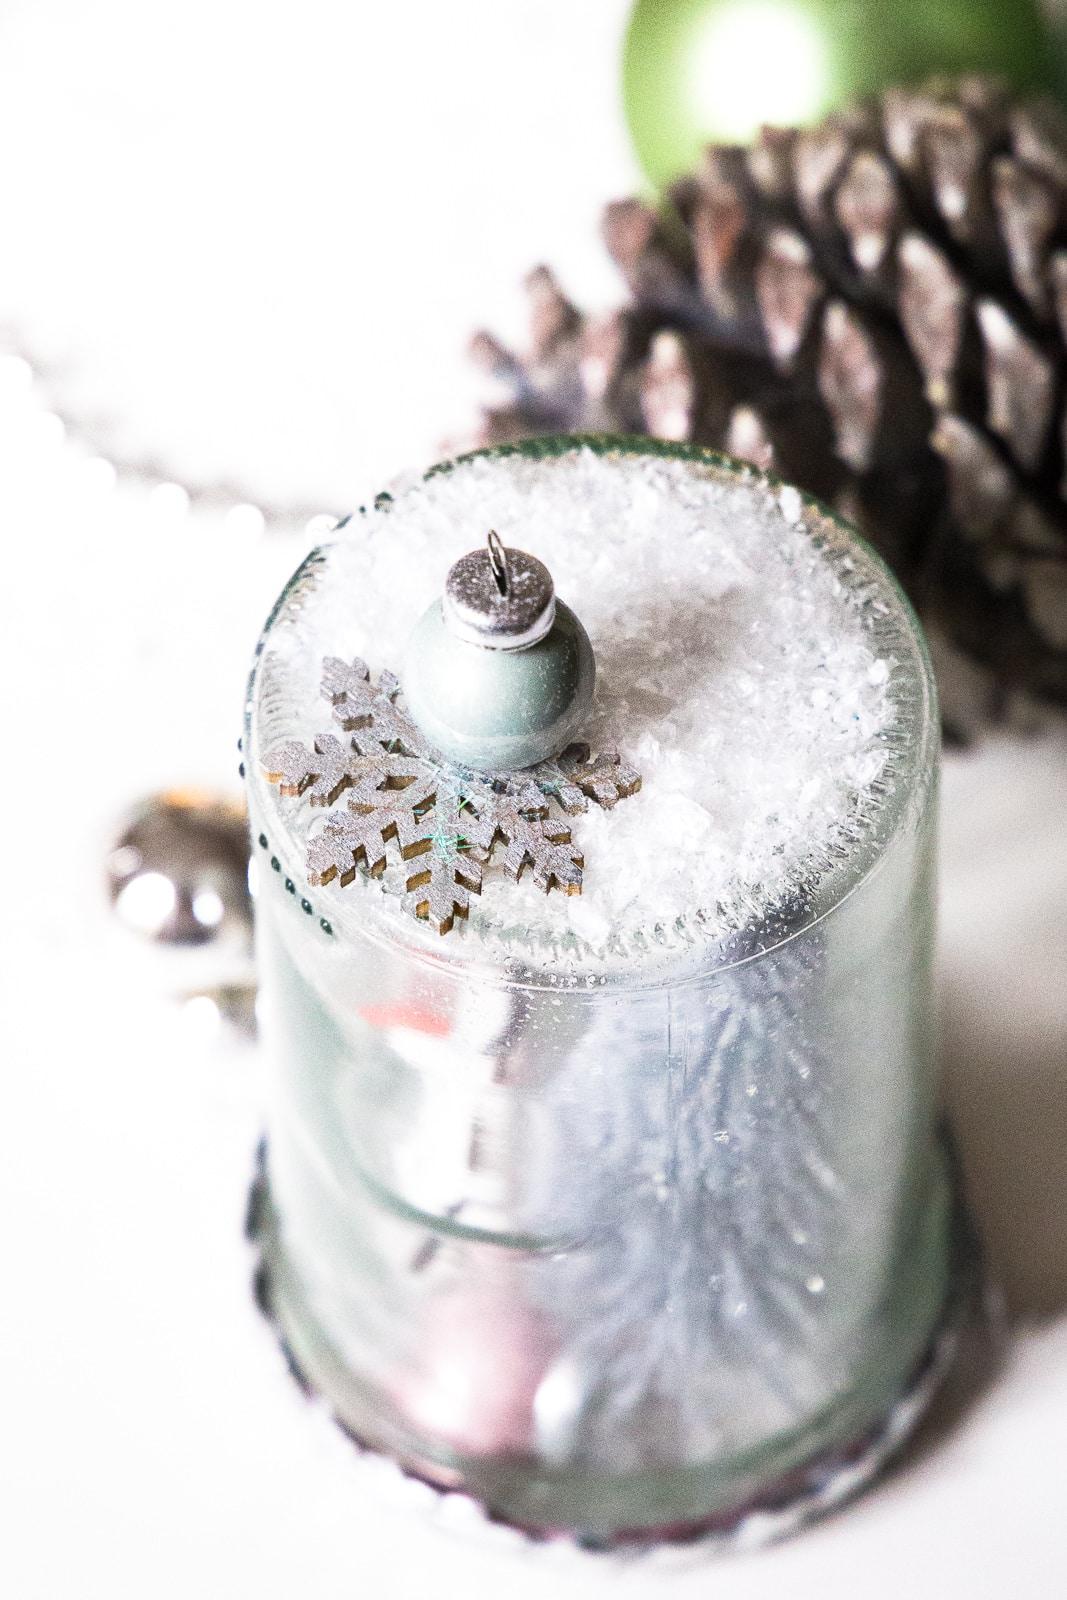 24 Days of christmas blogging: Einfaches DIY Weihnachtsgeschenk